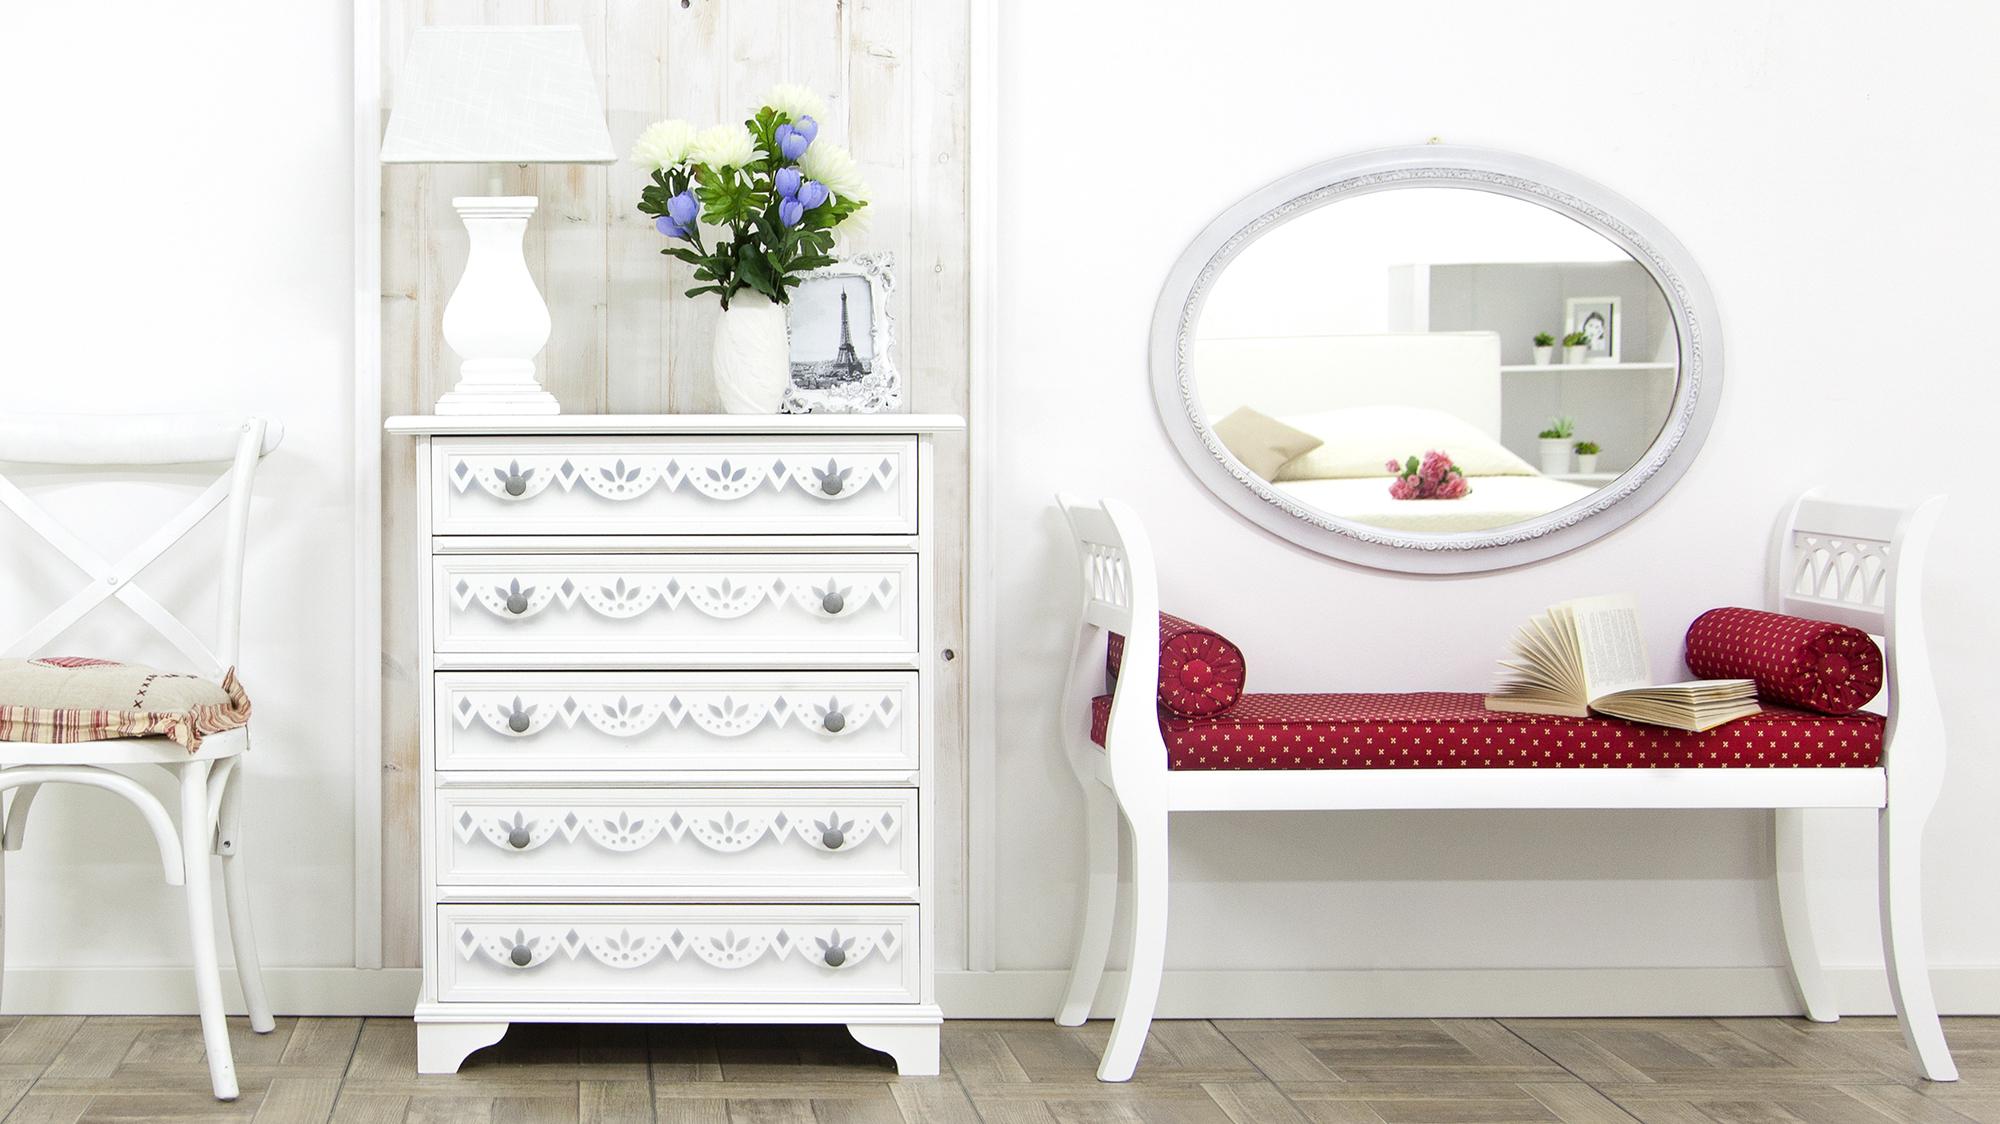 Specchio con cornice per riflessi chic e glamour dalani for Riflessi mobili catalogo